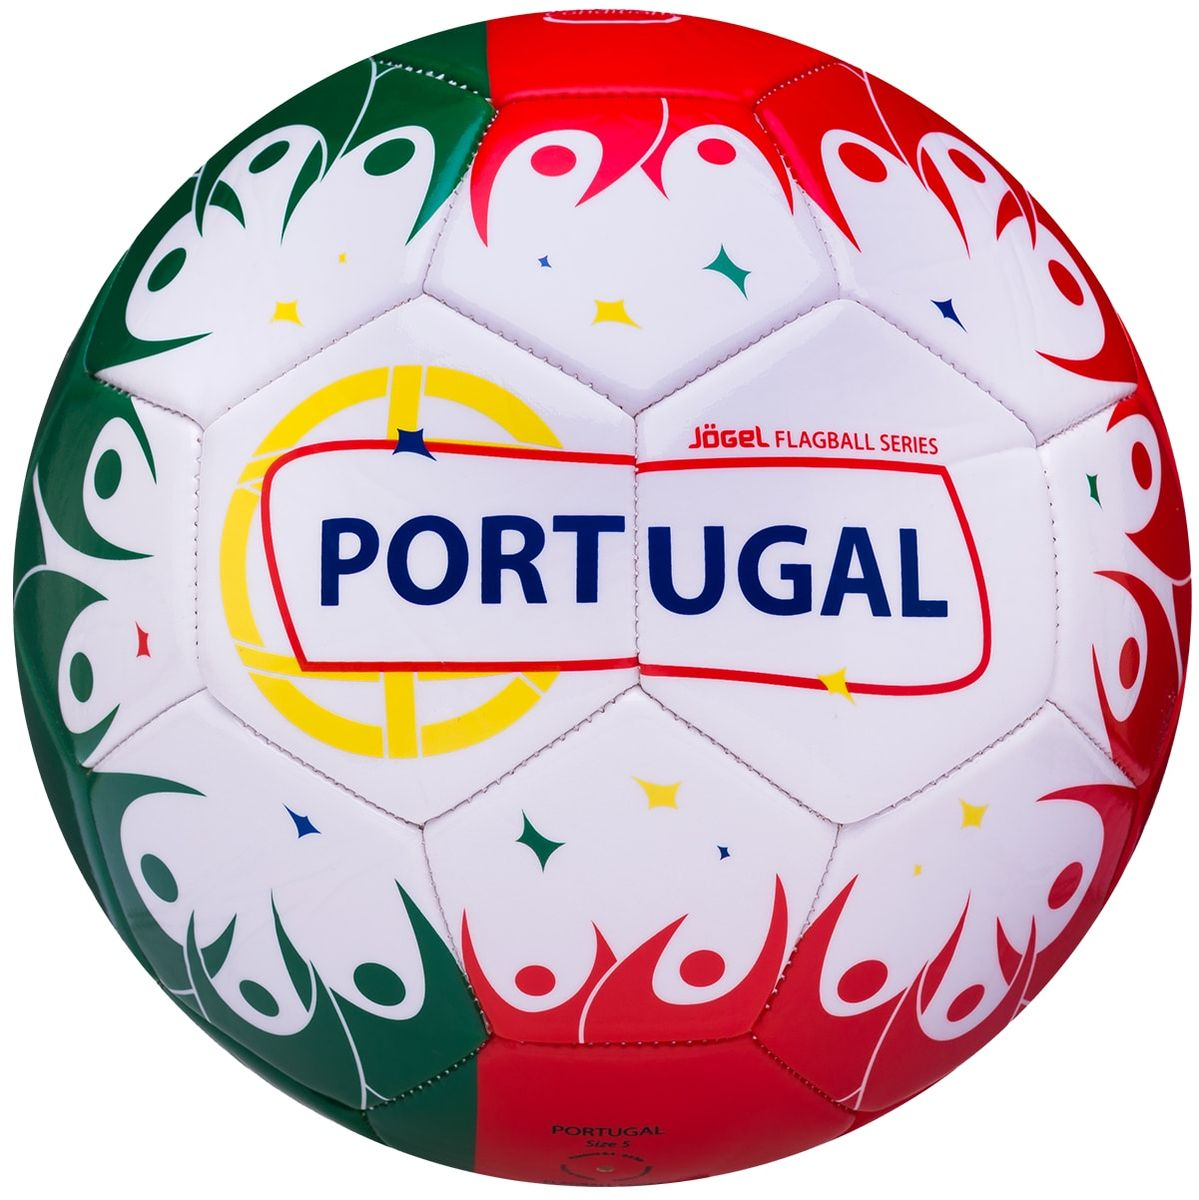 Мяч футбольный Jogel Portugal, цвет: белый, зеленый, красный. Размер 5УТ-00011396Категория: Мячи футбольныеУровень: ЛюбительскийJogel - это мячи из специальной коллекции, посвященной чемпионату мира по футболу 2018 года. В дизайне мячей данной линейки применяются цветовые решения флагов сильнейших сборных мира. Мячи придутся по душе всем любителям футбола и фанатам, которые захотят приобрести данные мячи в качестве сувенира. По своим характеристикам подходит как детям, так и взрослым. Поверхность мяча выполнена из синтетической кожи (поливинилхлорид) толщиной 2,7 мм. Мячи имеют 2 подкладочных слоя и оснащены бутиловой камерой, обеспечивающей долгое сохранение воздуха в камере. Данные мячи рекомендованы для любительской игры и тренировок любительских команд.Рекомендованные покрытия: натуральный газон, синтетическая трава, резина, гаревые поля, паркетМатериал поверхности: Синтетическая кожа (поливинилхлорид) толщиной 2,7 ммМатериал камеры: БутилТип соединения панелей: Машинная сшивкаКоличество панелей: 32Длина окружности: №5 - 68-70 смВес: 410-450 грРекомендованное давление: 0.4-0.6 барПроизводство: КНР